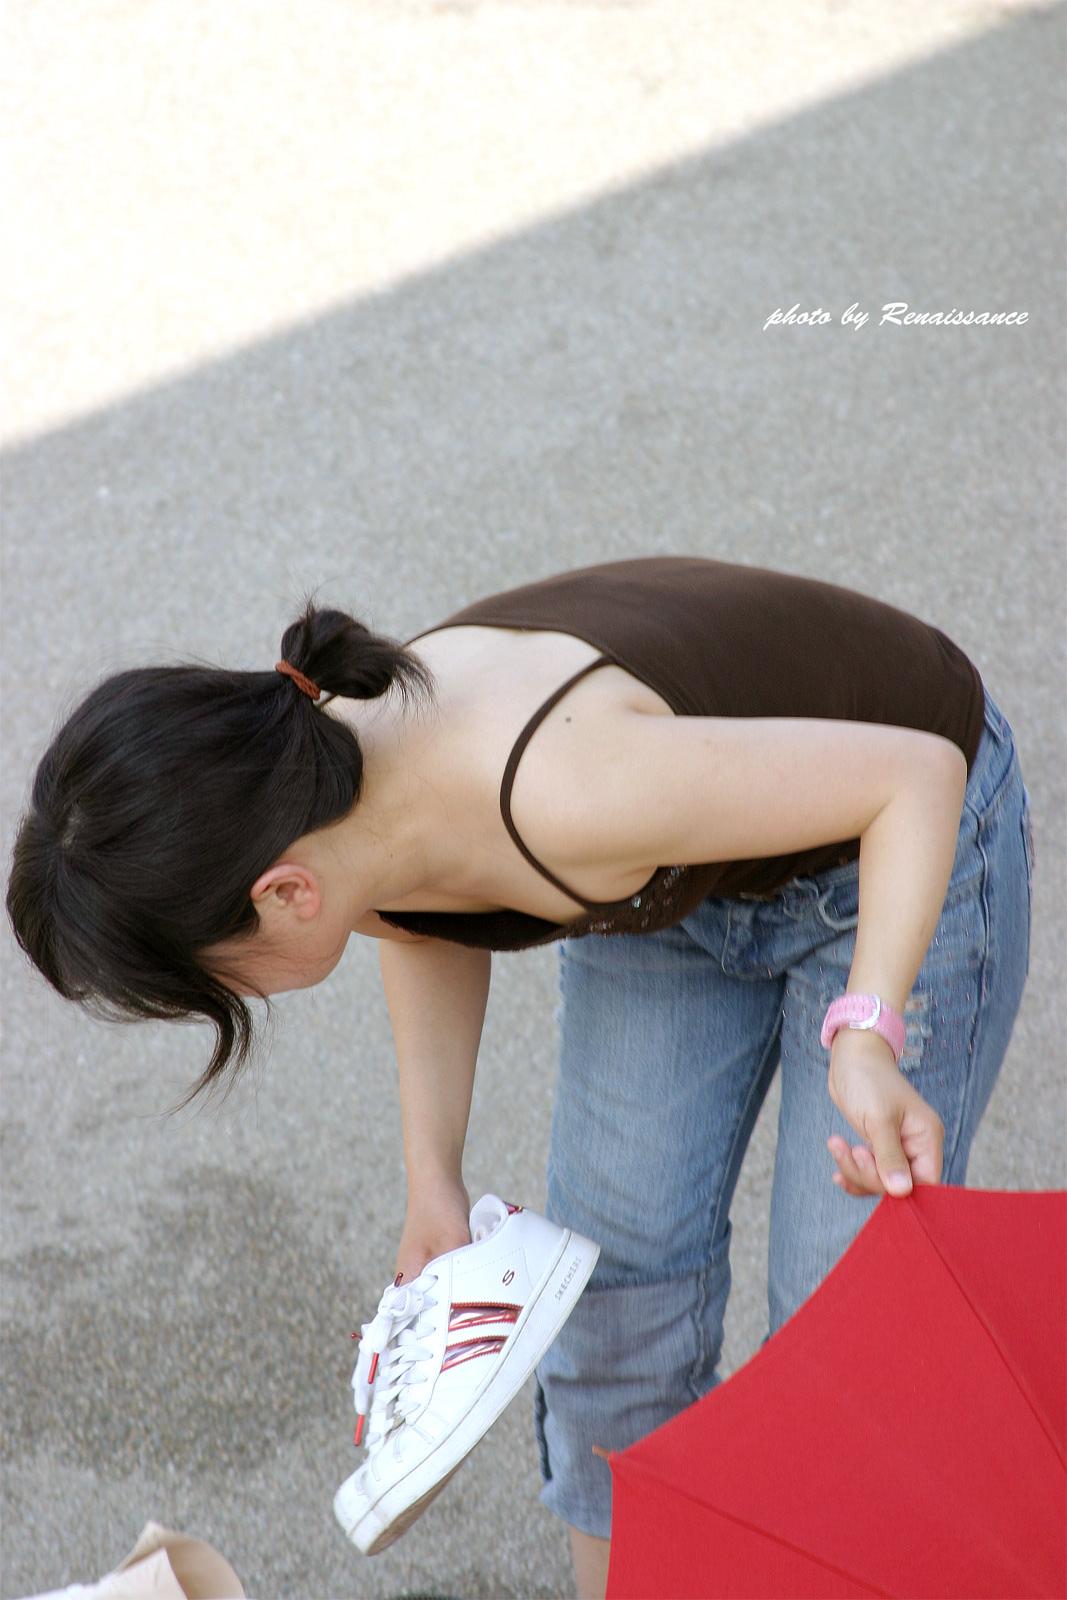 チラ見えする街撮りおっぱいの胸チラエロ画像 2953